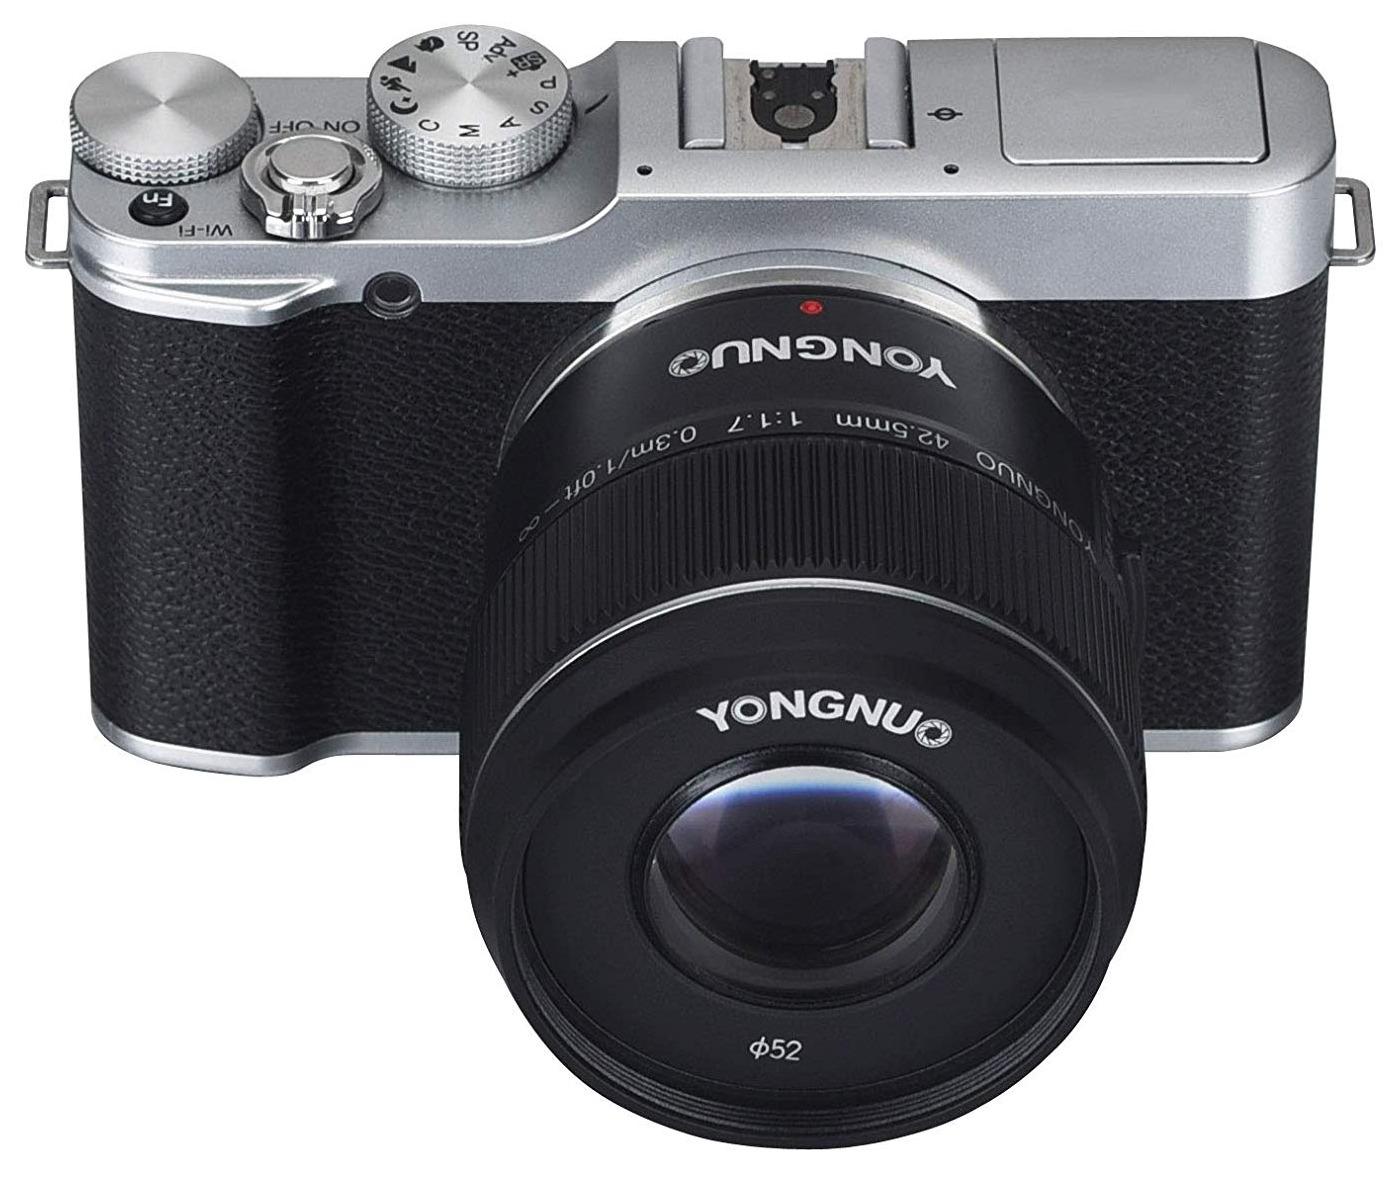 Объектив Yongnuo 42.5mm f/1.7 MFT установлен на камеру